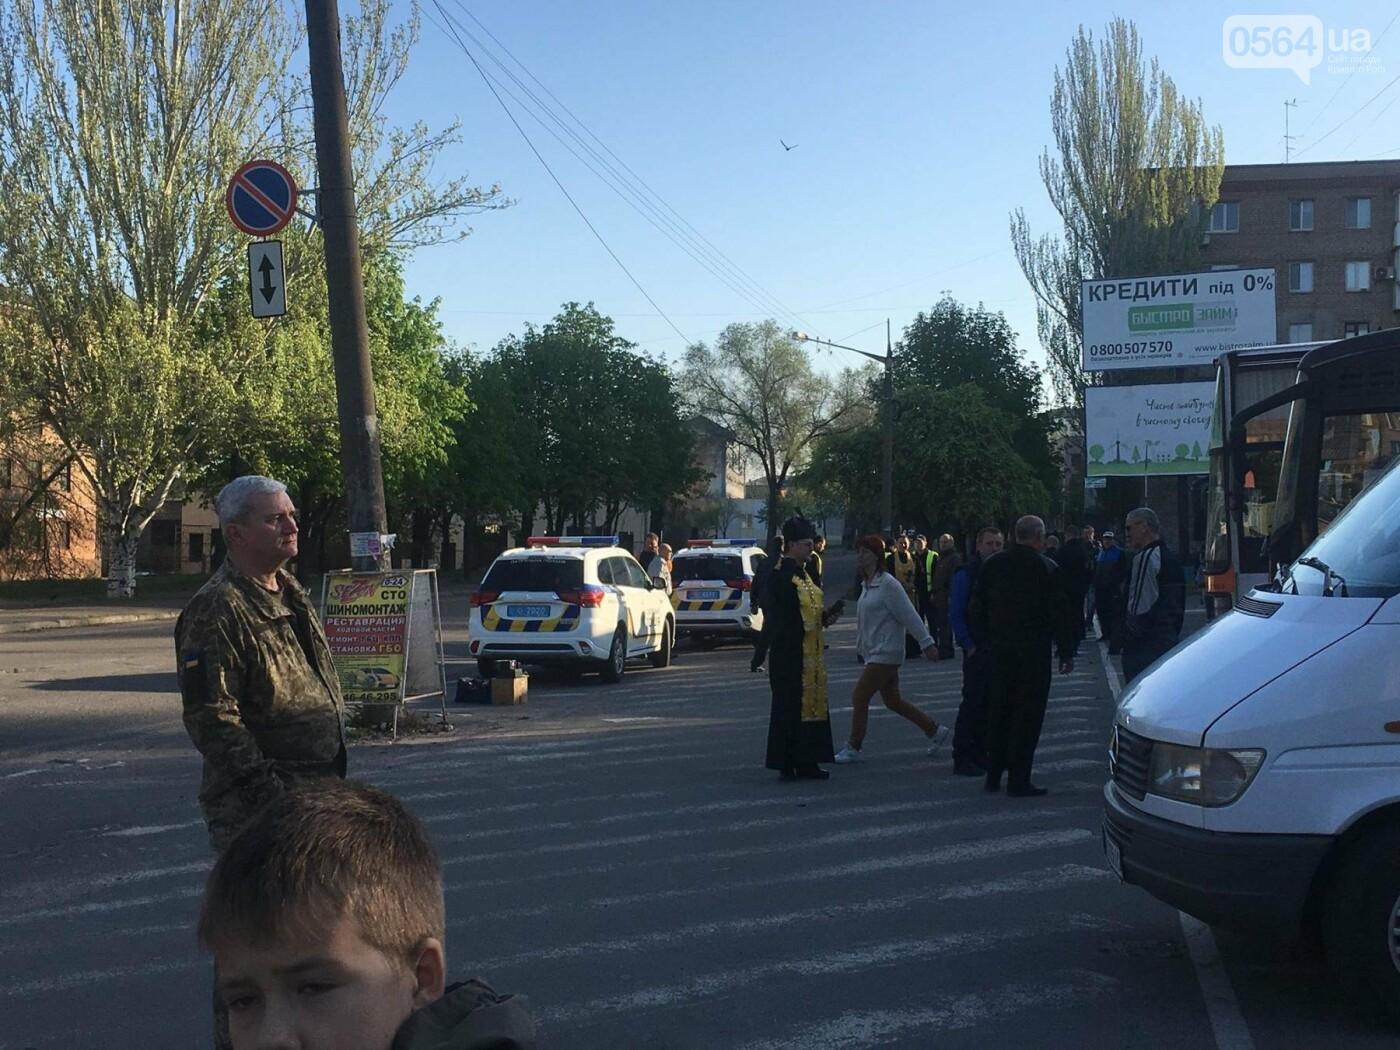 Сотни криворожан сегодня утром выехали на Хортицу, где высадят дубы и установят Крестомеч (ФОТО, ВИДЕО), фото-11